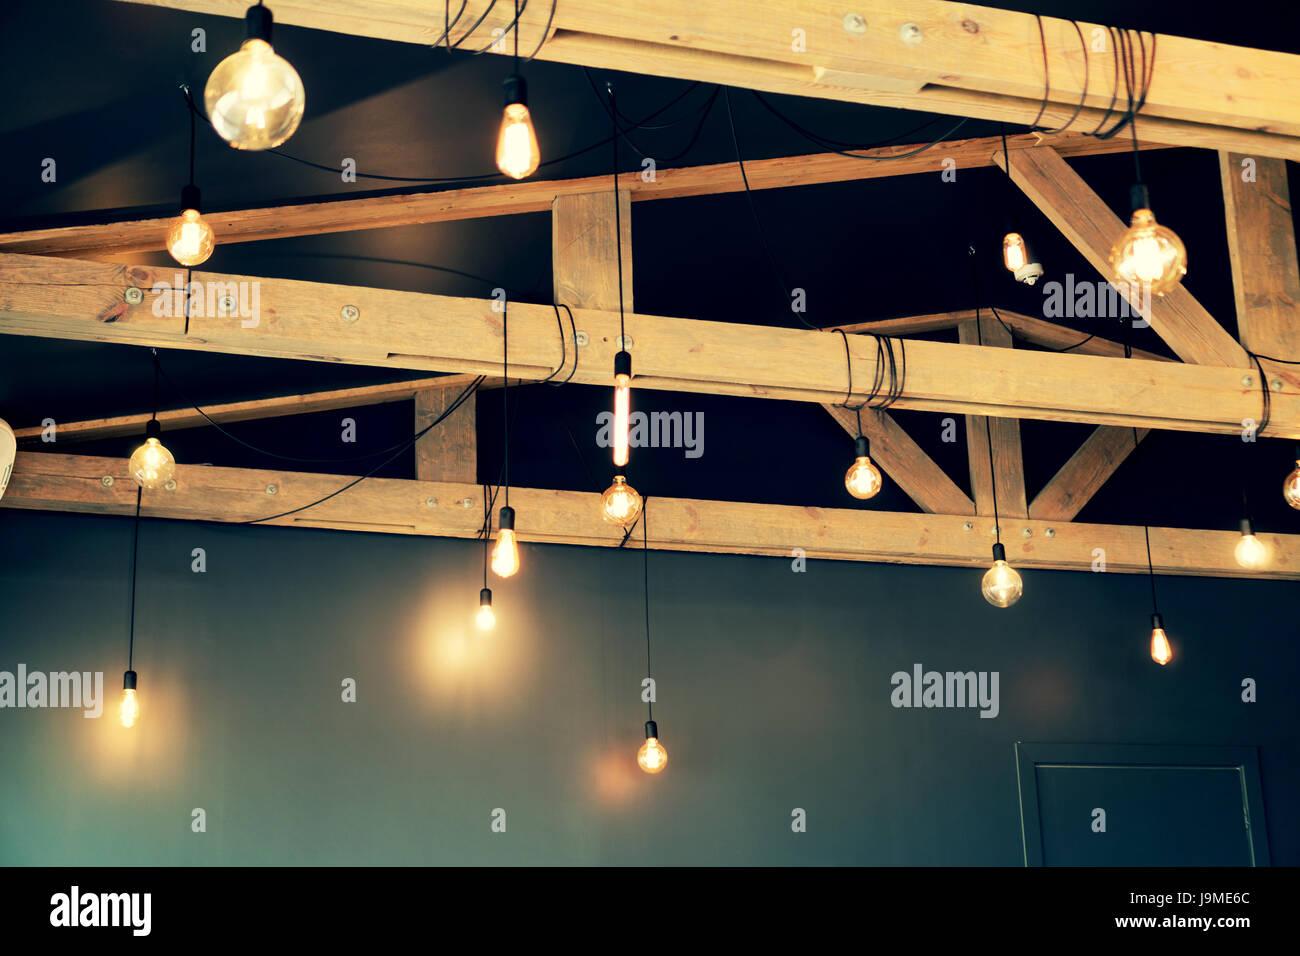 Vintage-Stil-Lampen von der Decke hängen Stockfoto, Bild: 143665044 ...